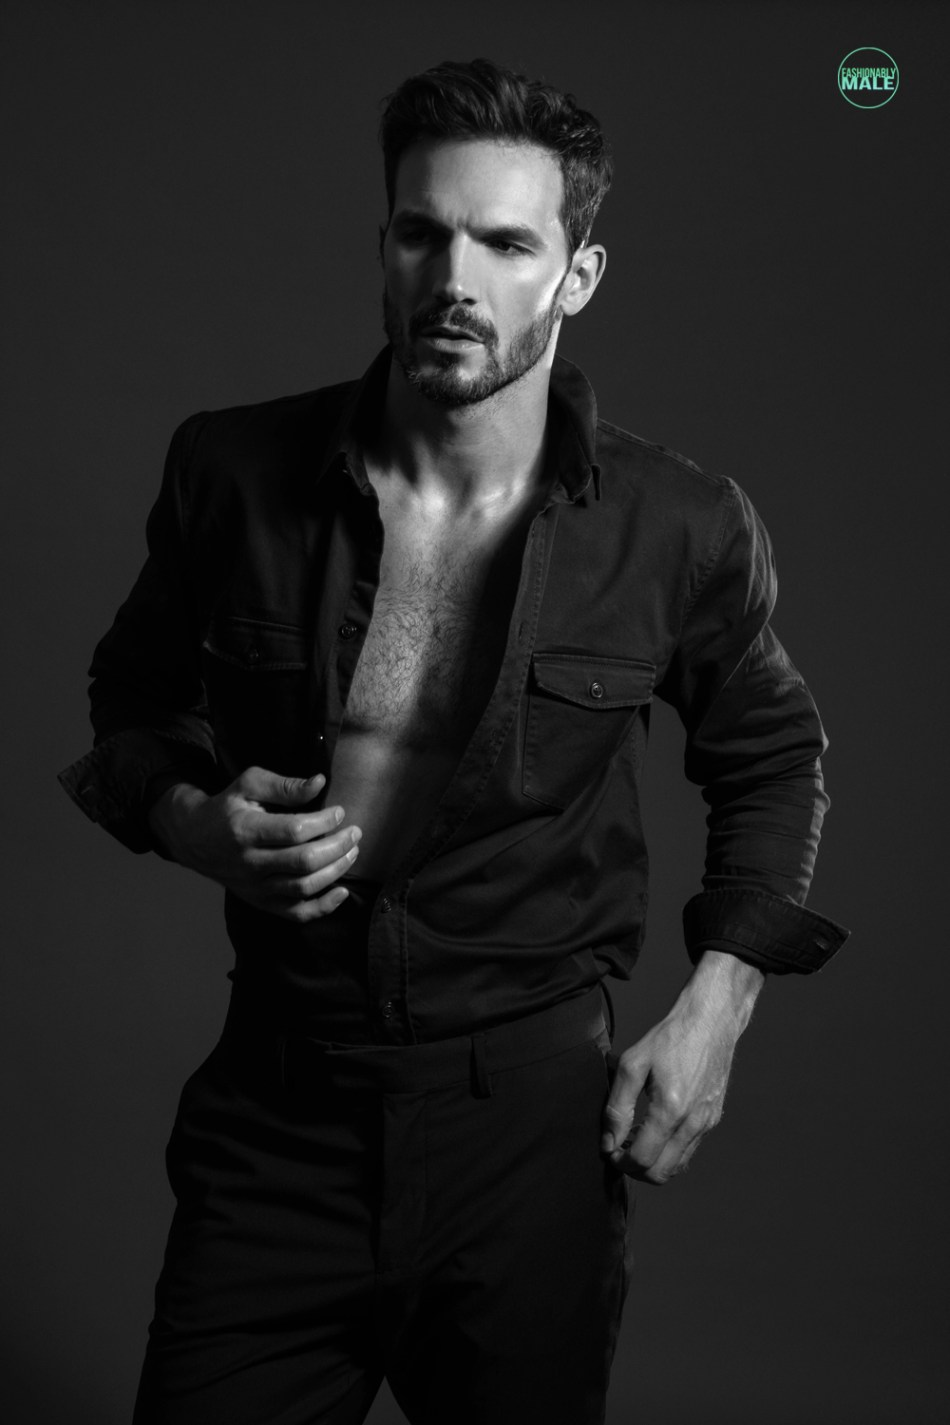 Adam Cowie by Malc Stone Fashionably Male3